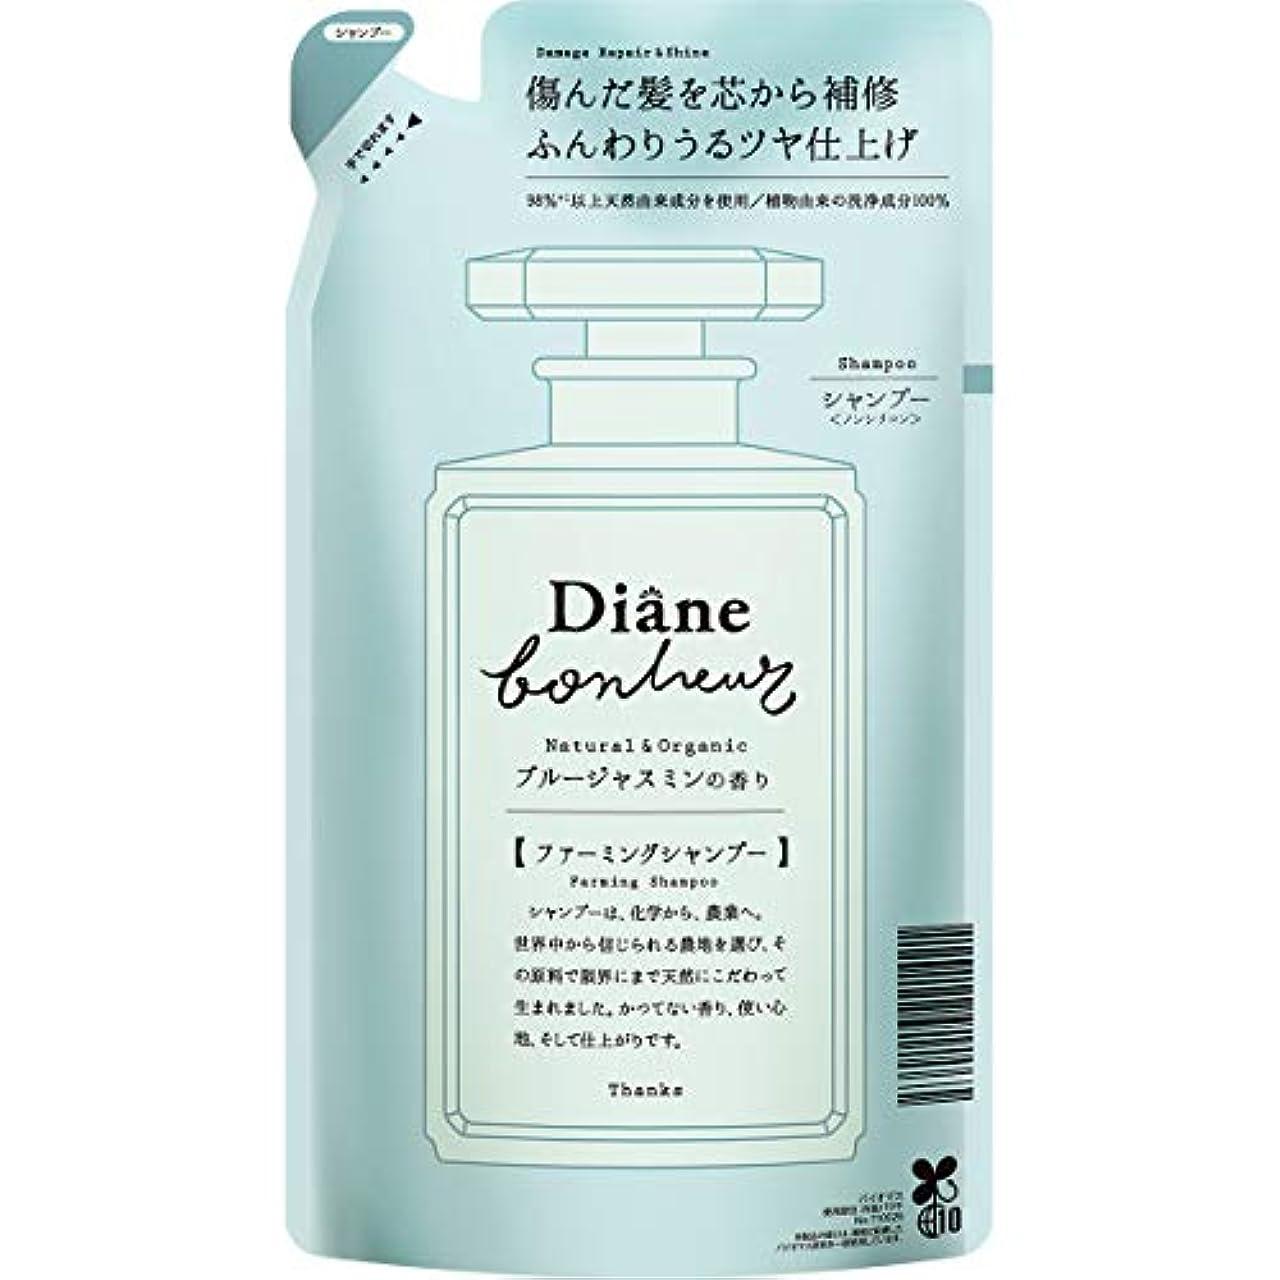 カブ挑発する行為ダイアン ボヌール シャンプー ブルージャスミンの香り ダメージリペア&シャイン 詰め替え 400ml